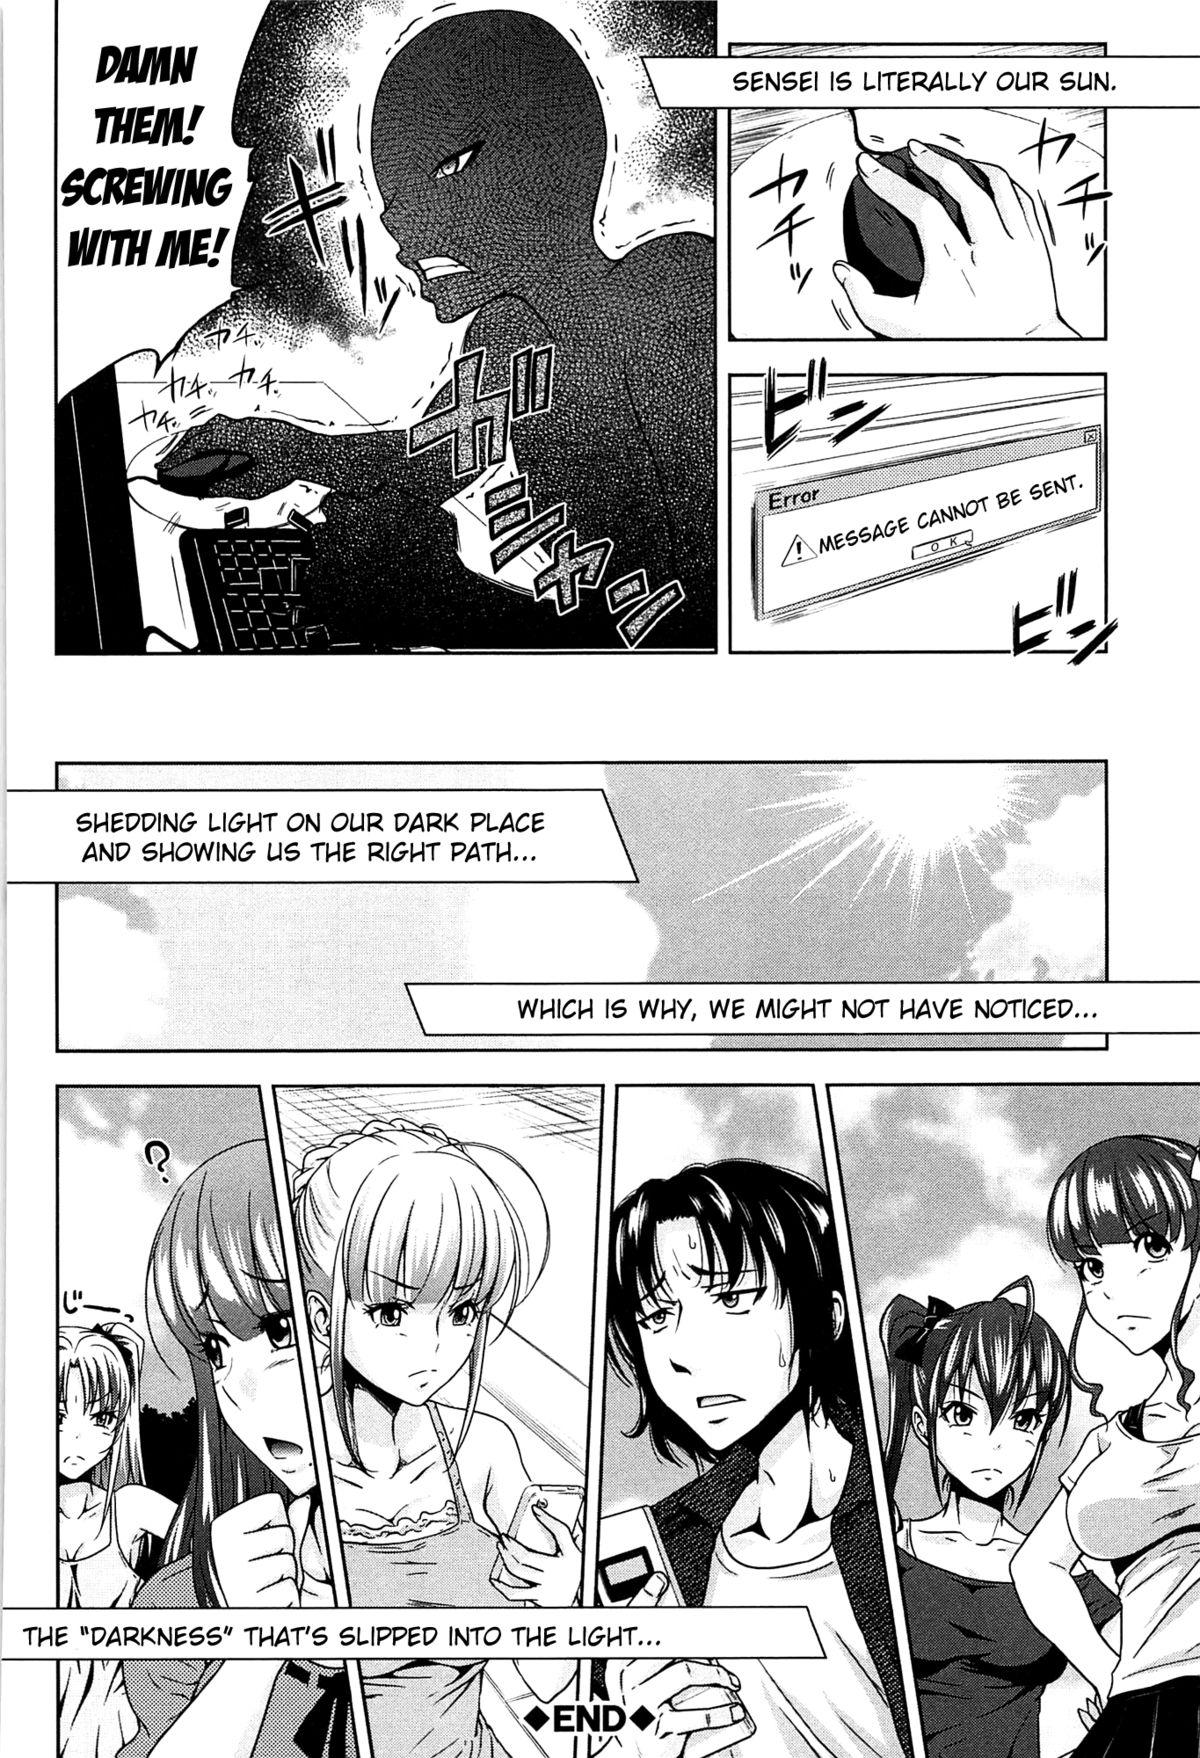 [Takuwan] H♥ERO -Sei no Kyoushitsu- Ch. 0-4 [English] [Mikakunin] 100